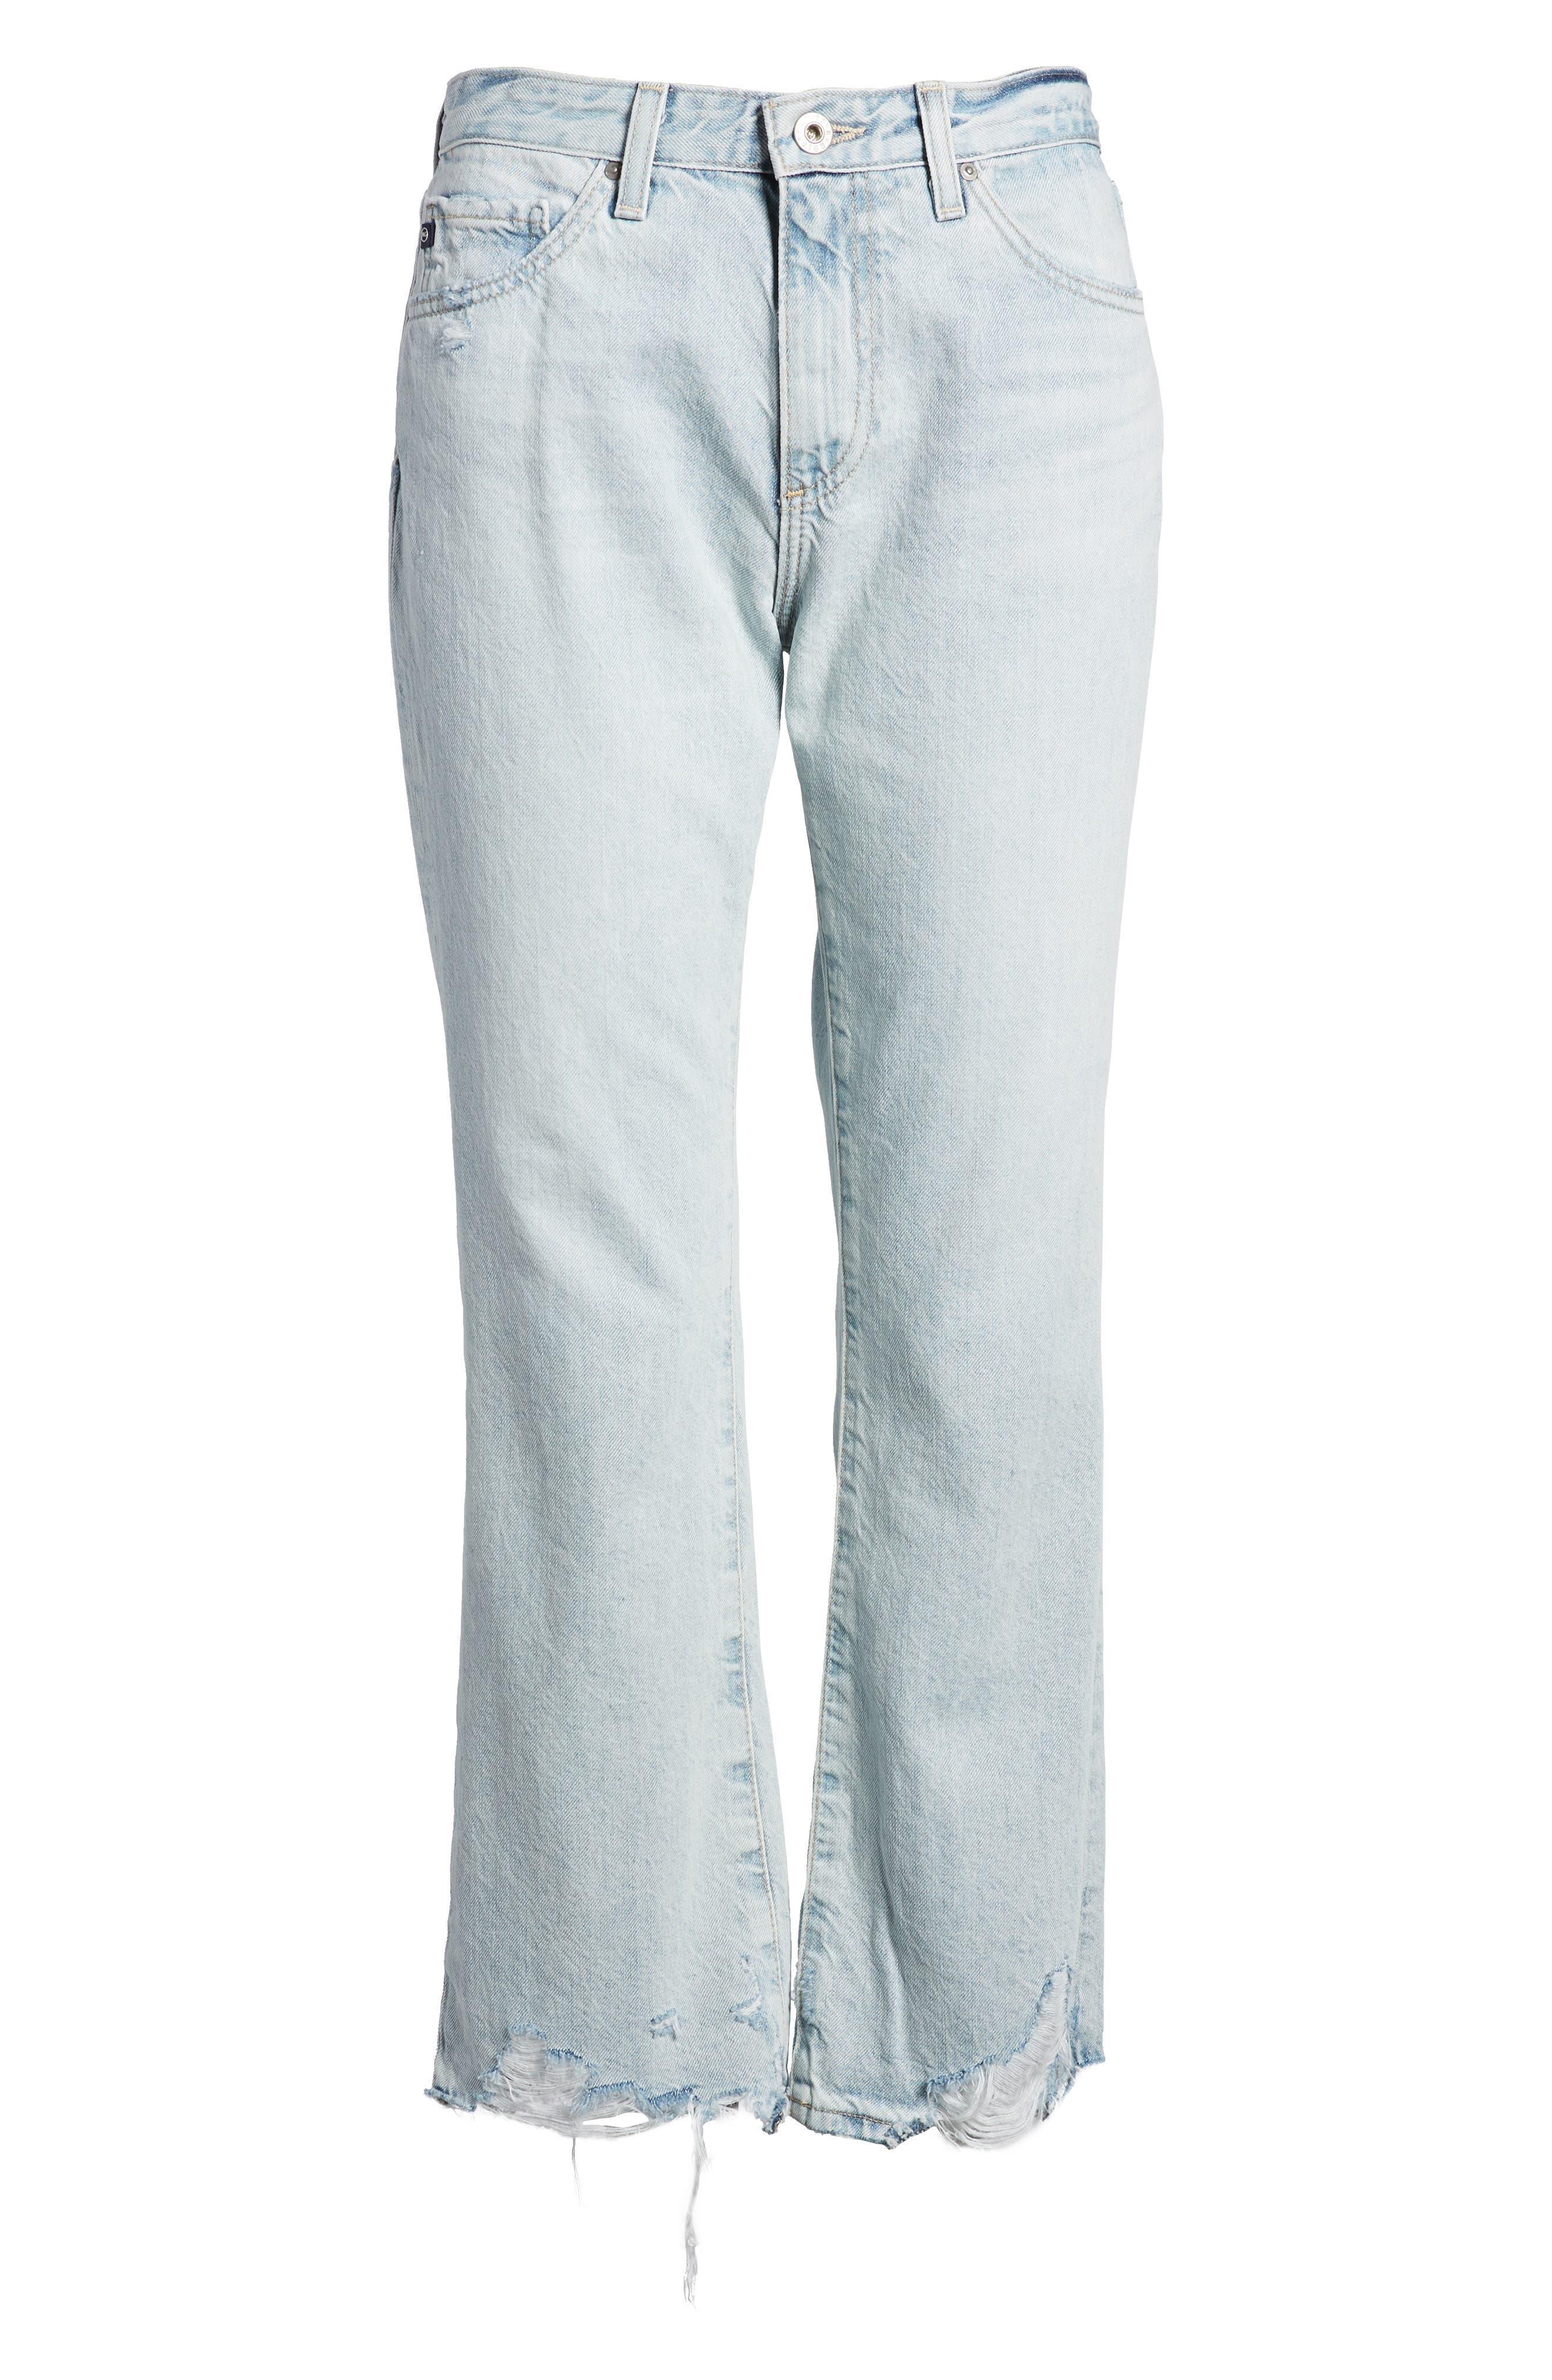 Jeans Jodi Crop Jeans,                             Alternate thumbnail 7, color,                             455